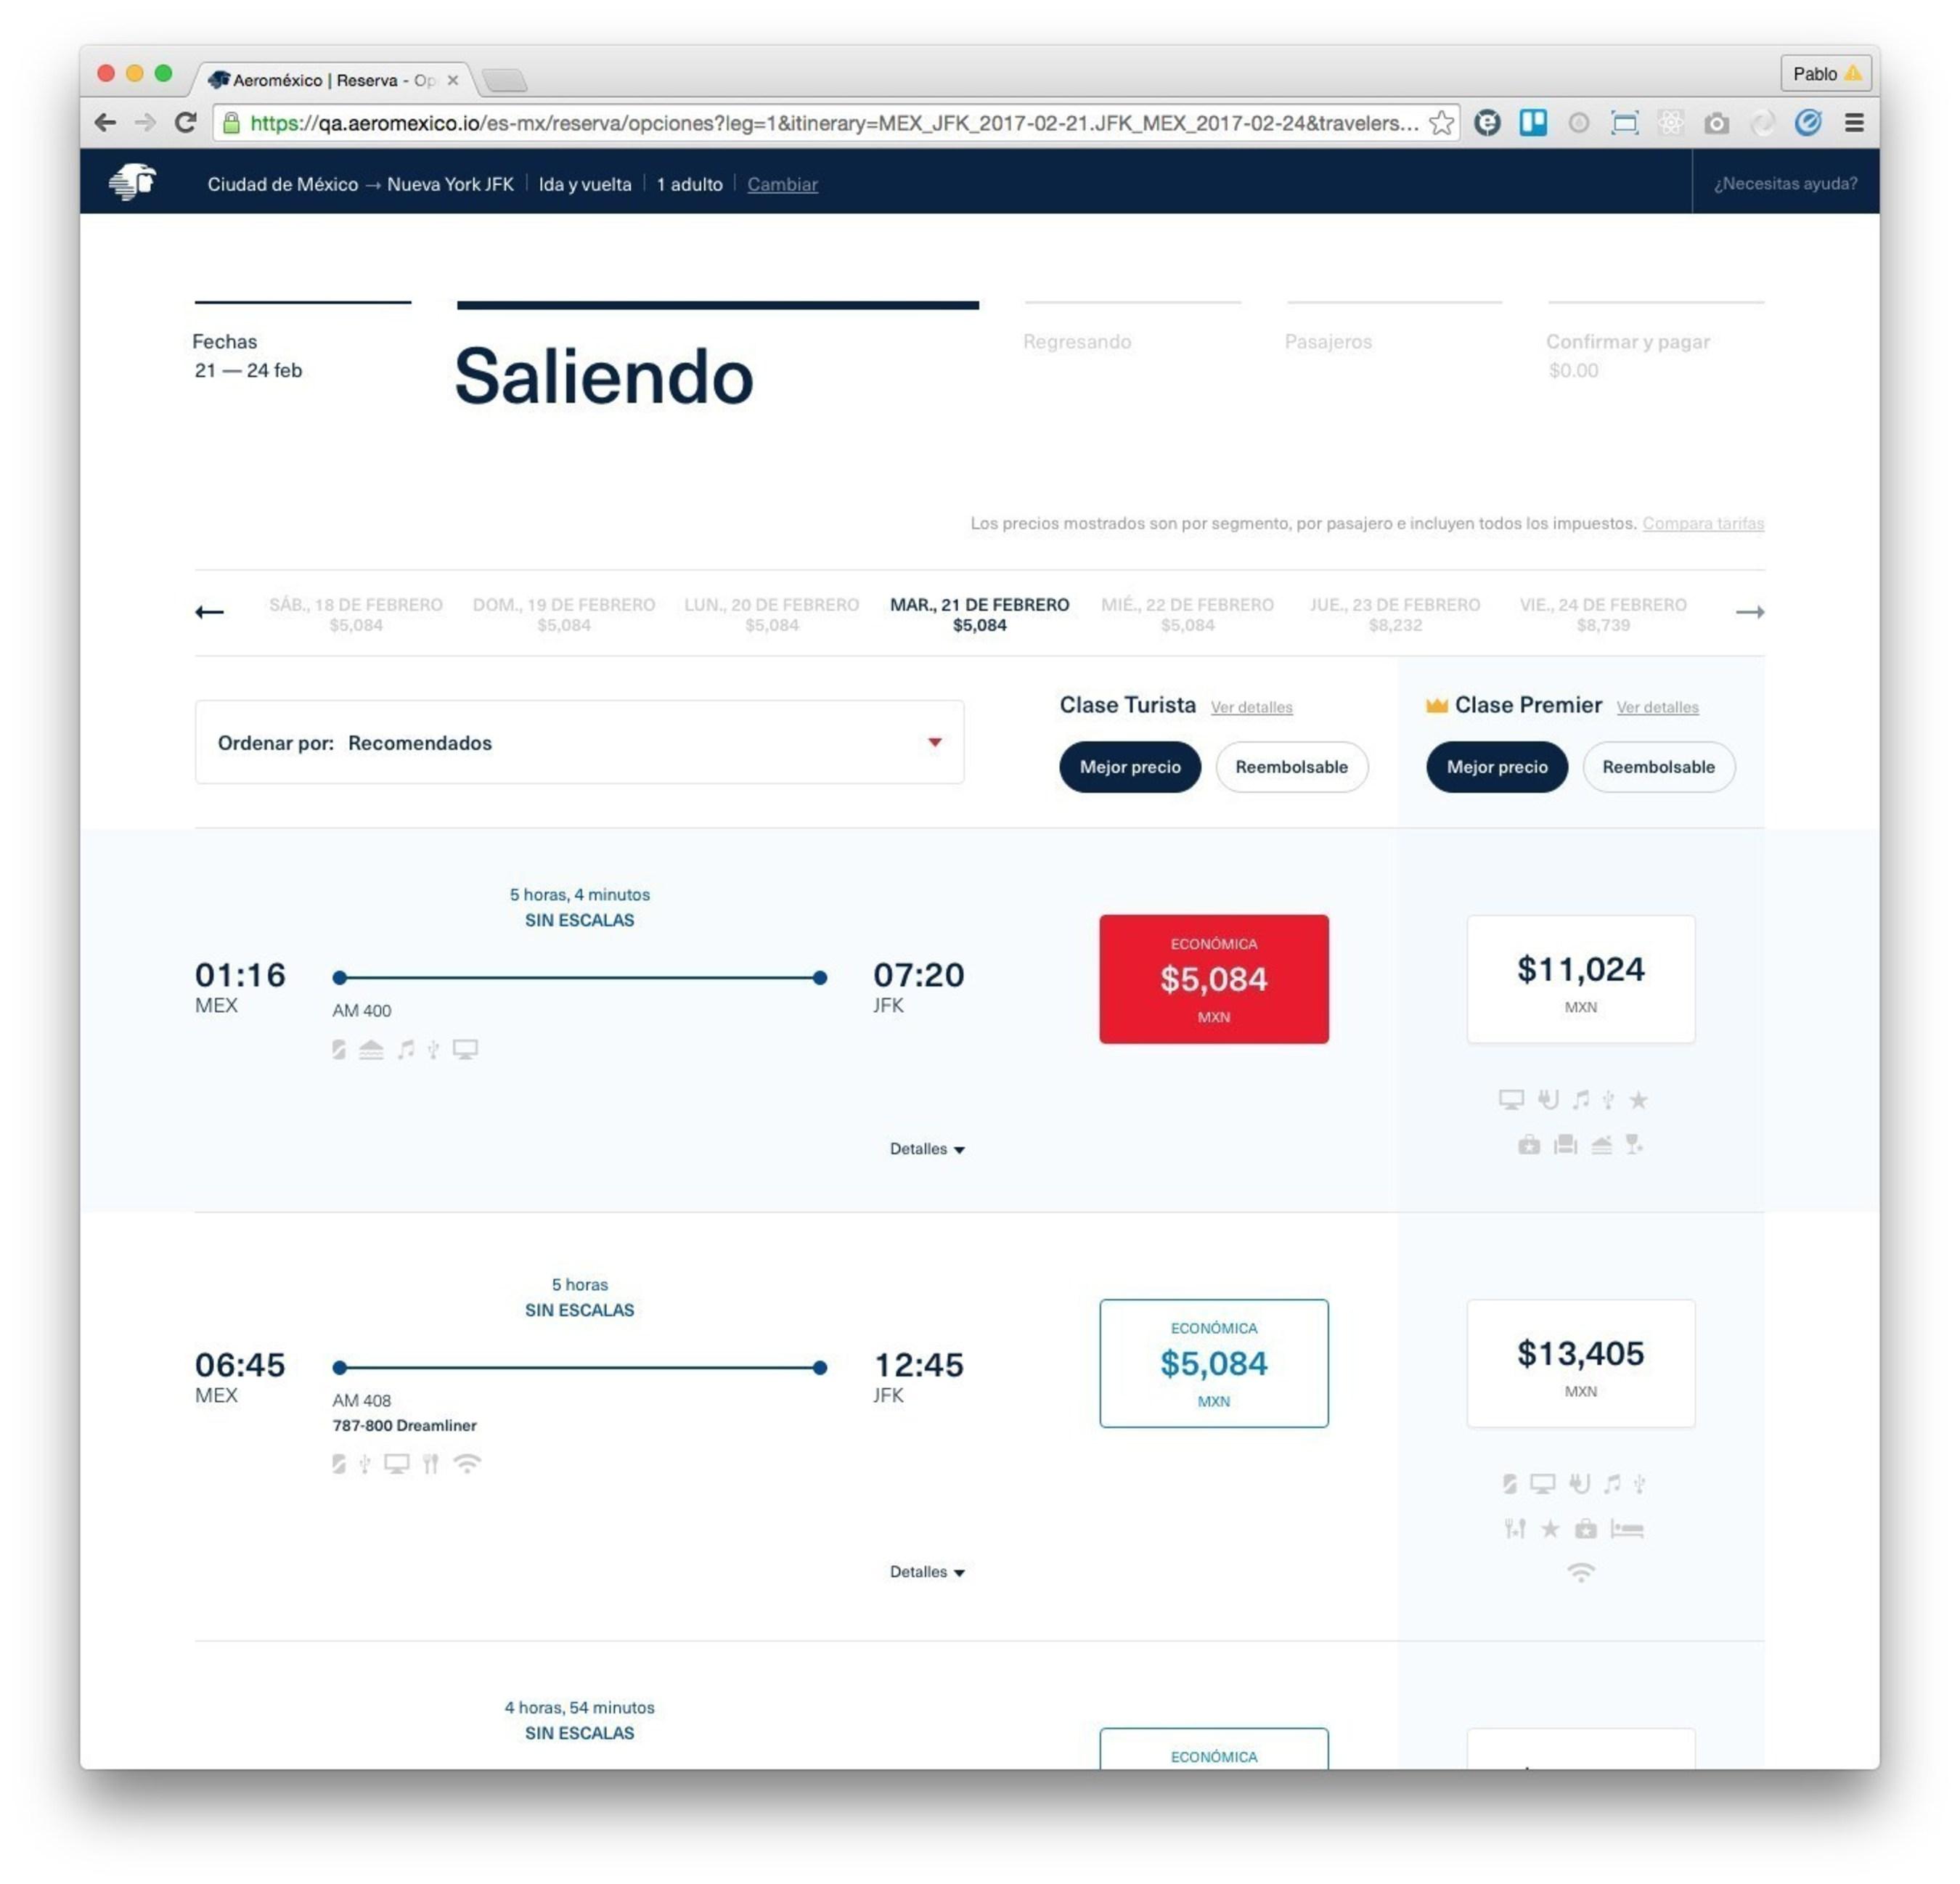 Aeromexico's new website